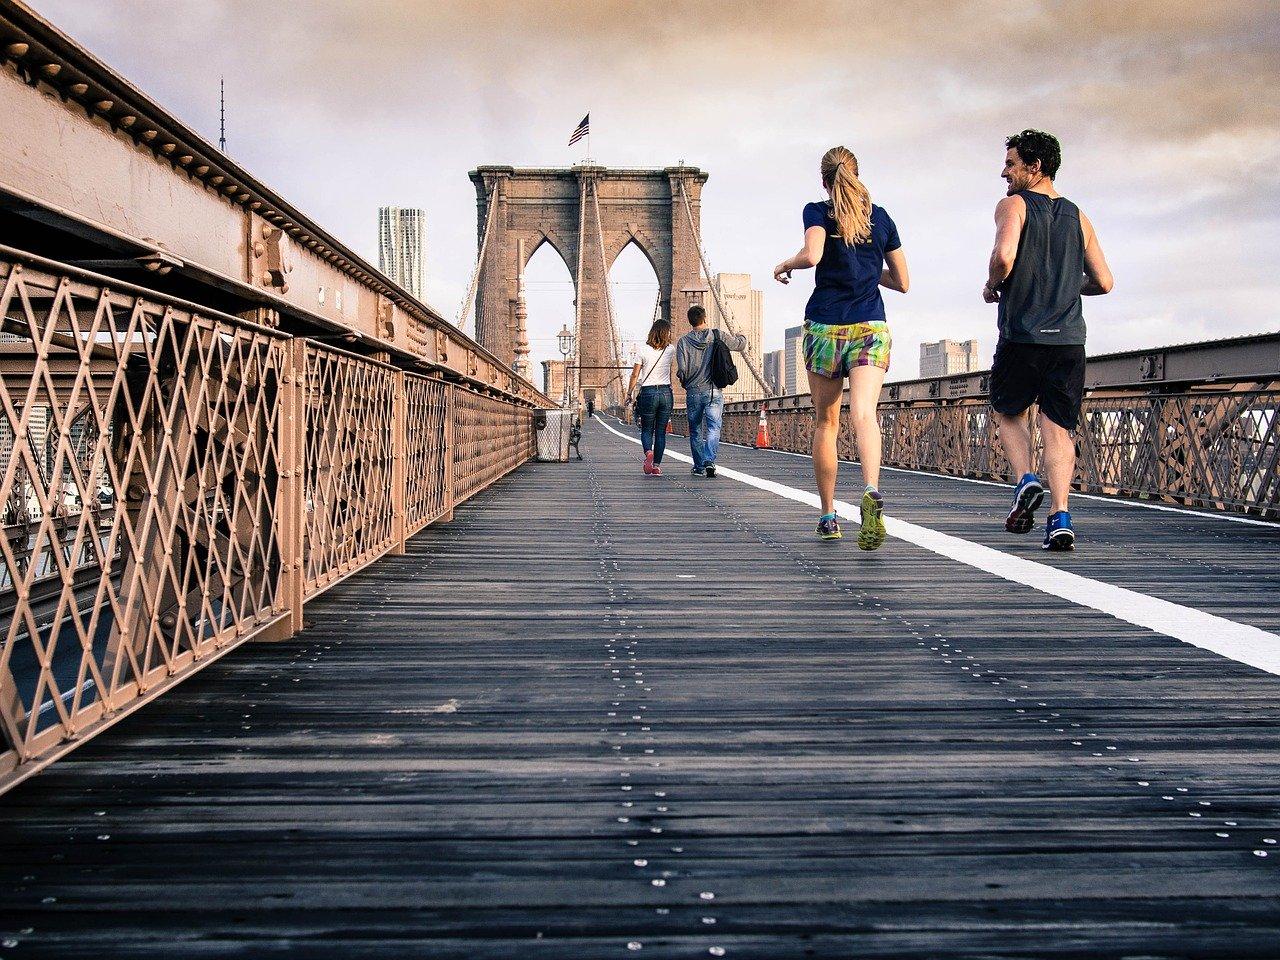 【健康で理想的な体作り】ダイエットにおける運動の重要性